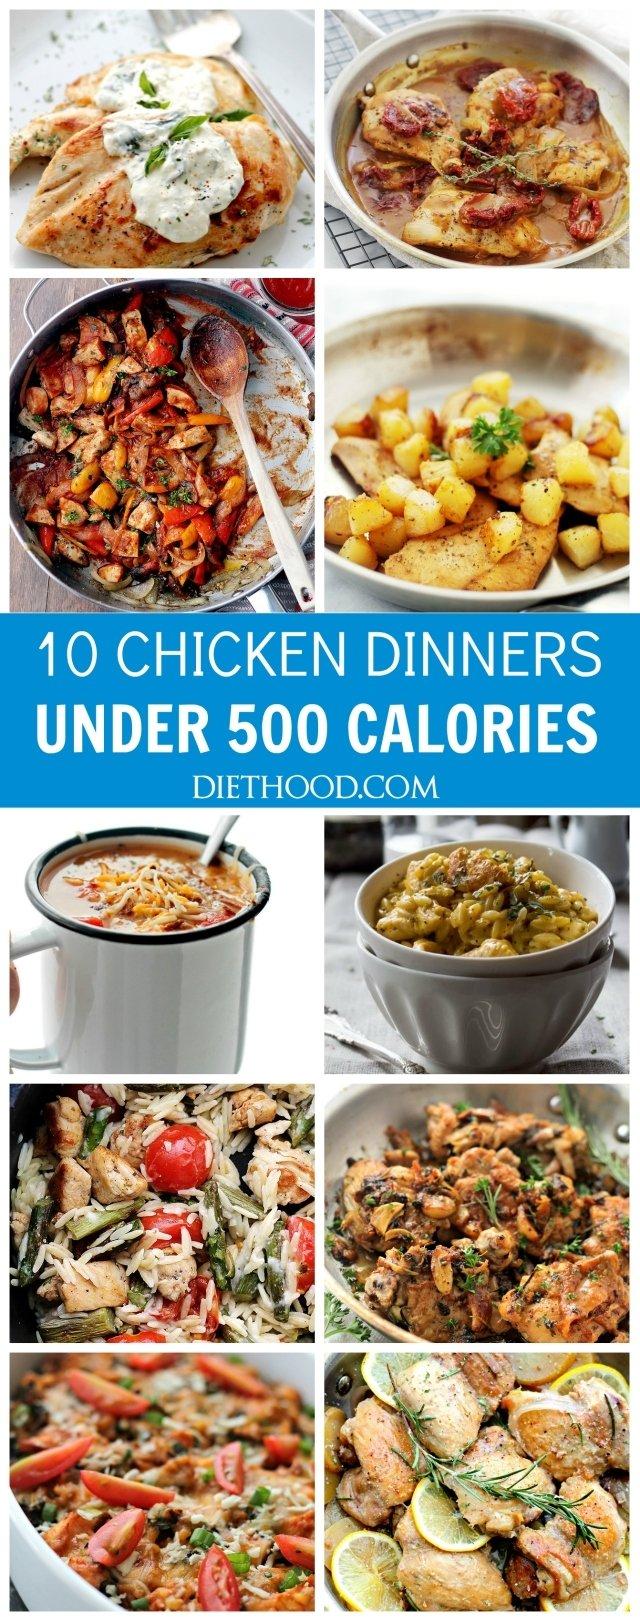 10 Elegant Dinner Ideas Under 500 Calories ten chicken dinners under 500 calories diethood 2021